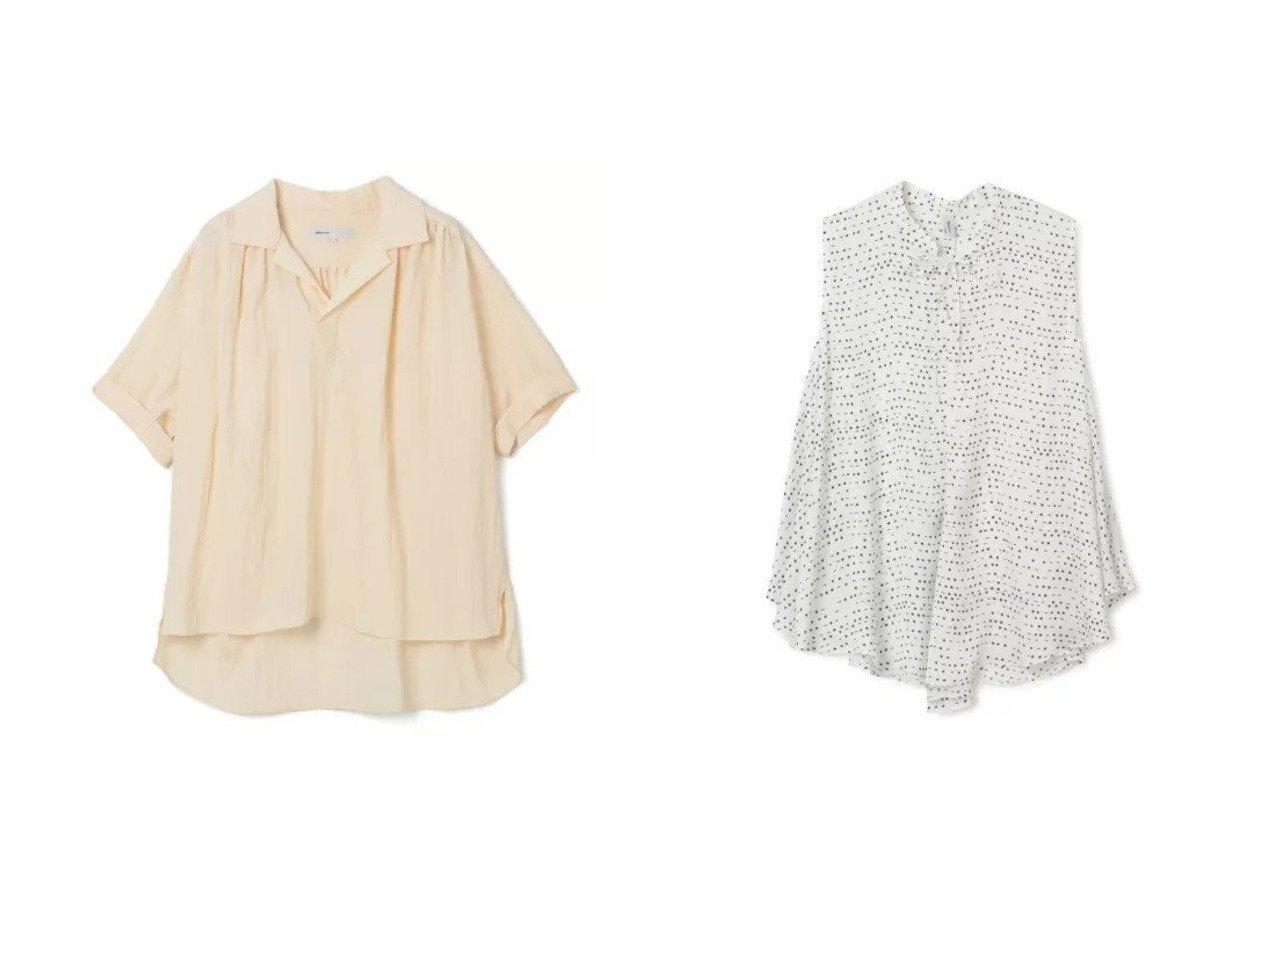 【08sircus/ゼロエイトサーカス】のViscose washer gather shirt&Satin morse code print peplum top トップス・カットソーのおすすめ!人気、トレンド・レディースファッションの通販 おすすめで人気の流行・トレンド、ファッションの通販商品 メンズファッション・キッズファッション・インテリア・家具・レディースファッション・服の通販 founy(ファニー) https://founy.com/ ファッション Fashion レディースファッション WOMEN トップス Tops Tshirt シャツ/ブラウス Shirts Blouses キャミソール / ノースリーブ No Sleeves ギャザー 半袖 春 サテン スリット ドレープ ノースリーブ フェミニン プリント ヘムライン ペプラム  ID:crp329100000009294